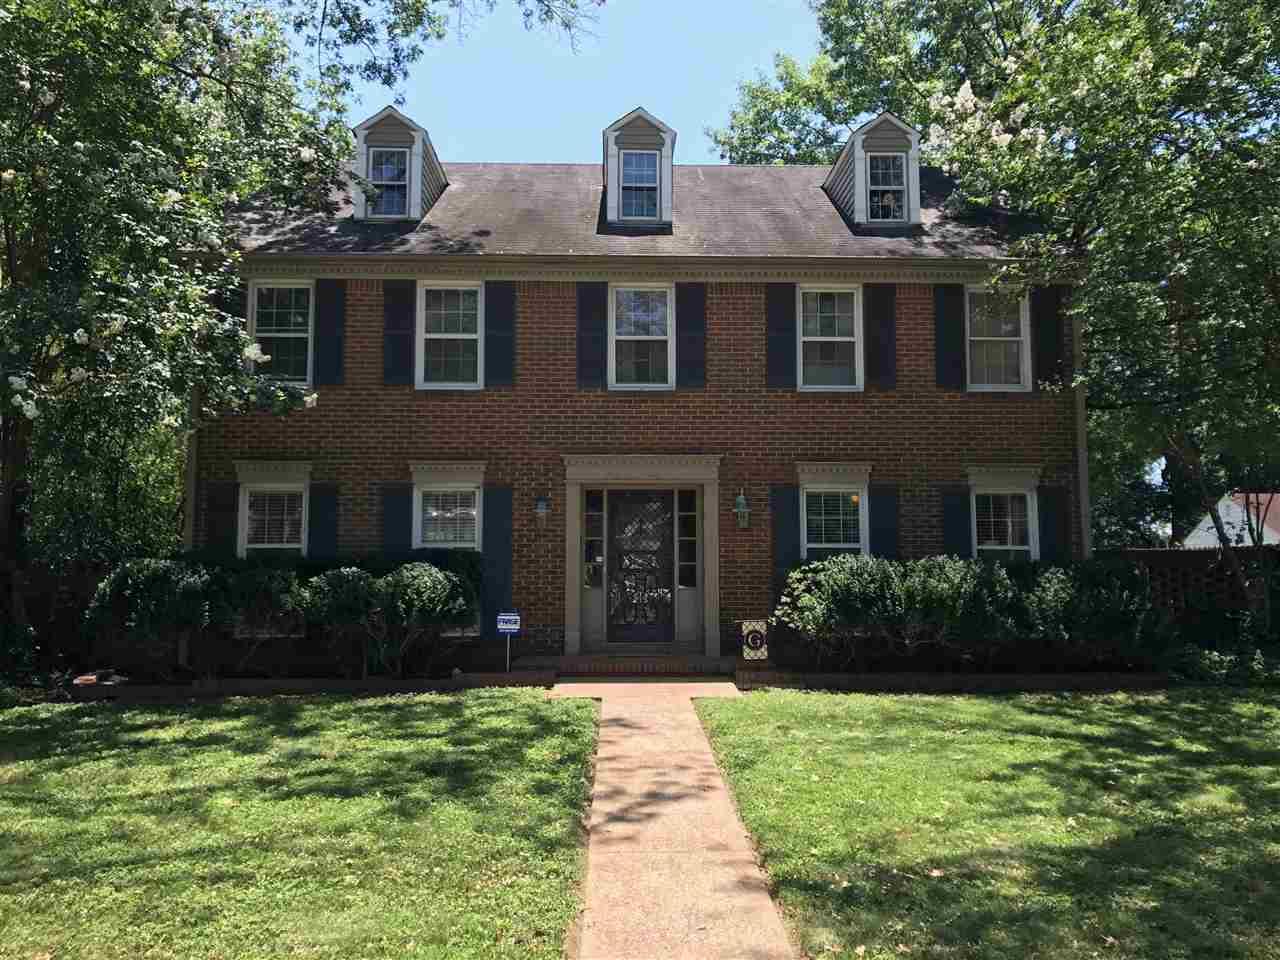 6991 Dashwood Memphis, TN 38119 - MLS #: 10007135